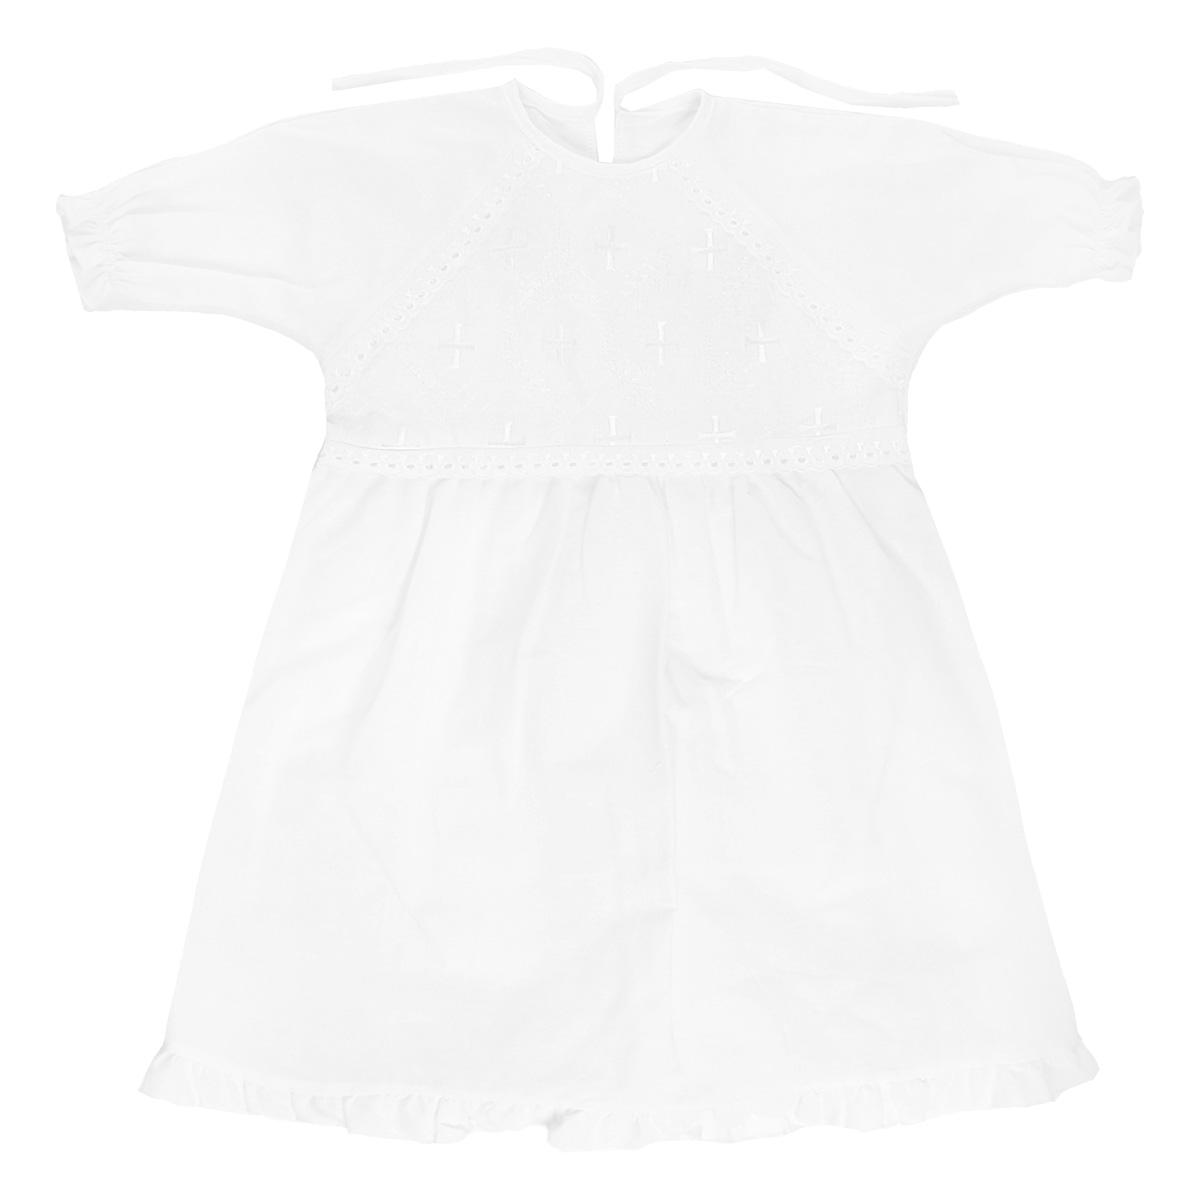 Крестильная рубашка для девочки Трон-плюс, цвет: белый. 1149. Размер 74, 9 месяцев1149Крестильная рубашка для девочки Трон-плюс, выполненная из натурального хлопка, идеально подойдет для крещения вашей малышки. Рубашка необычайно мягкая и приятная на ощупь, не сковывает движения и позволяет коже дышать, не раздражает нежную кожу ребенка, обеспечивая ему наибольший комфорт. Рубашка трапециевидной формы с рукавами-реглан имеет две завязки на спинке, которые помогают с легкостью переодеть младенца. На груди рубашечка украшена ажурными рюшами и вышивками. Низ рукавов дополнен эластичной резинкой, не сдавливающей запястья малышки, а низ изделия украшен очаровательной оборкой, придающей рубашечке пышность. От линии талии заложены складочки, придающие рубашке пышность.Благодаря такой рубашке ваша малышка не замерзнет, и будет выглядеть нарядно.